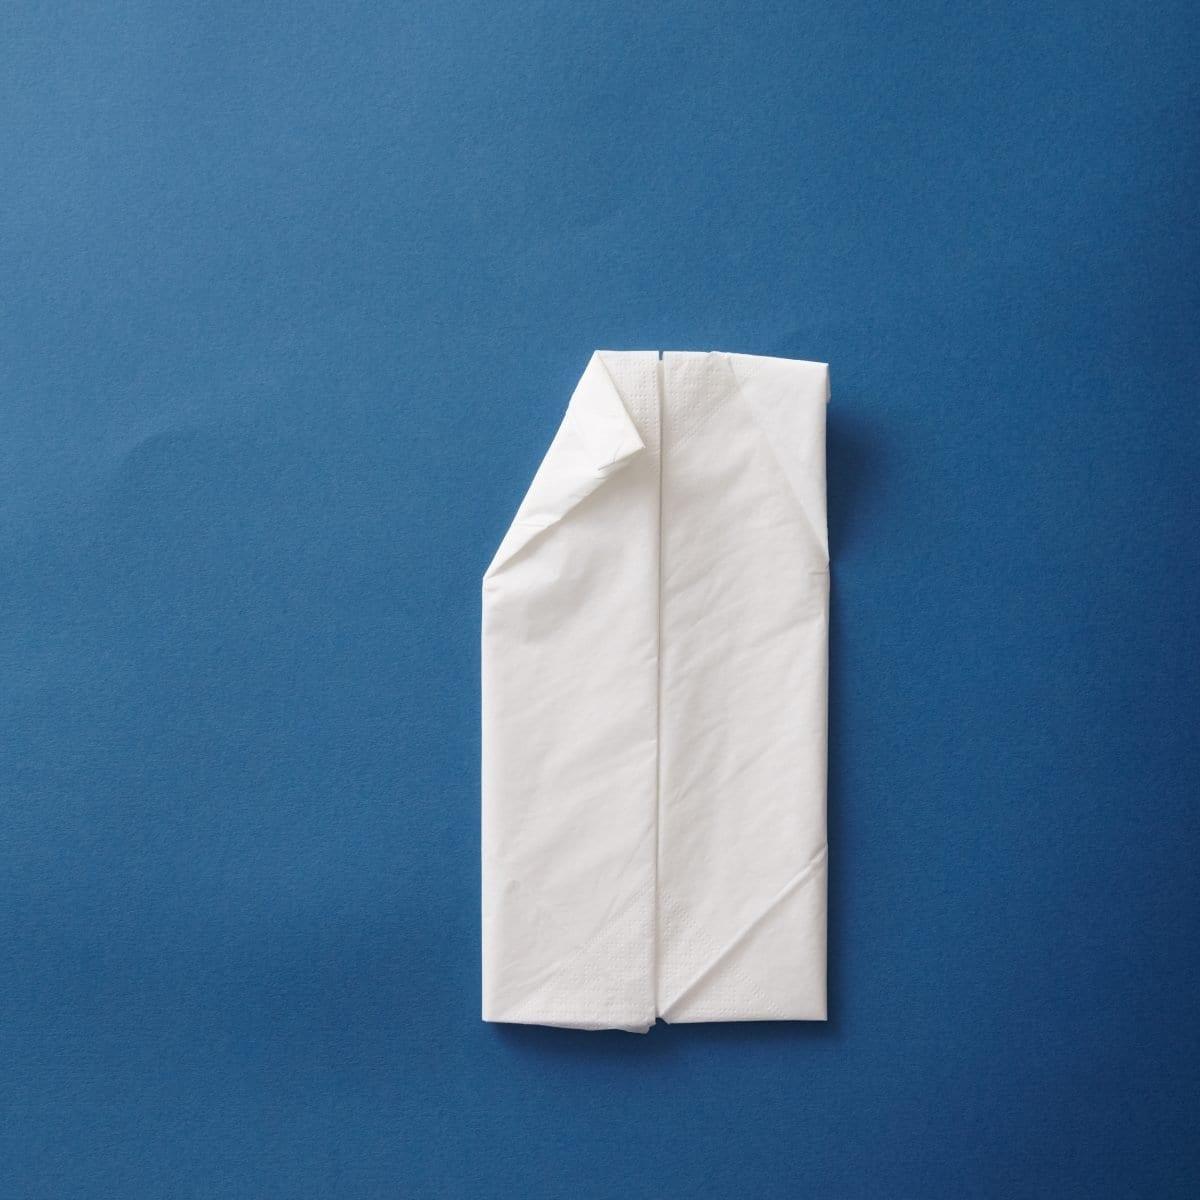 how-too-eye-shirt-napkin-08